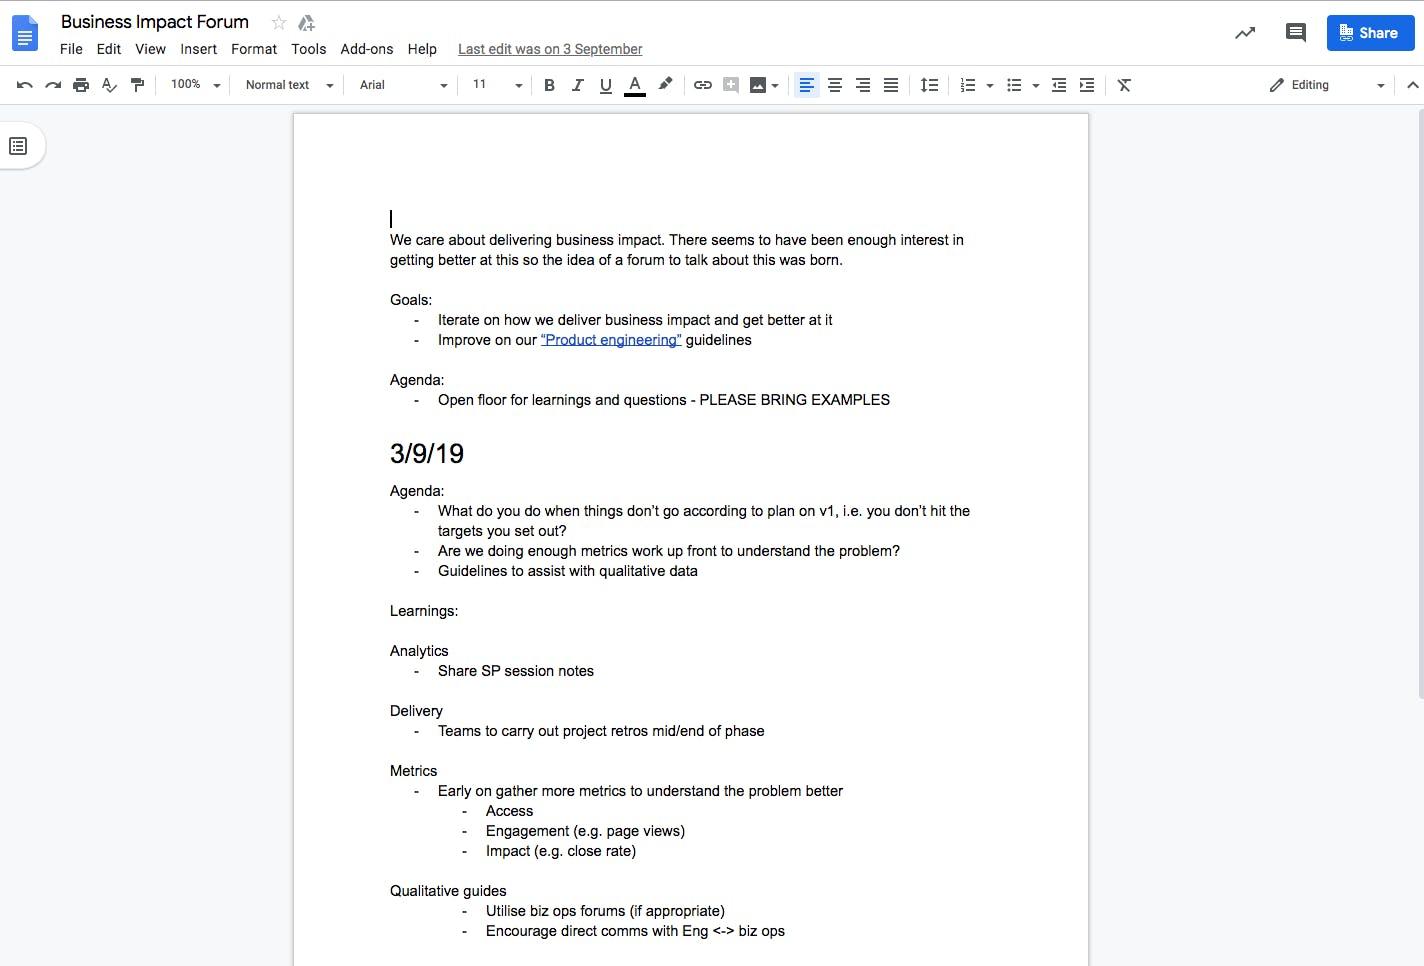 Impact forum notes